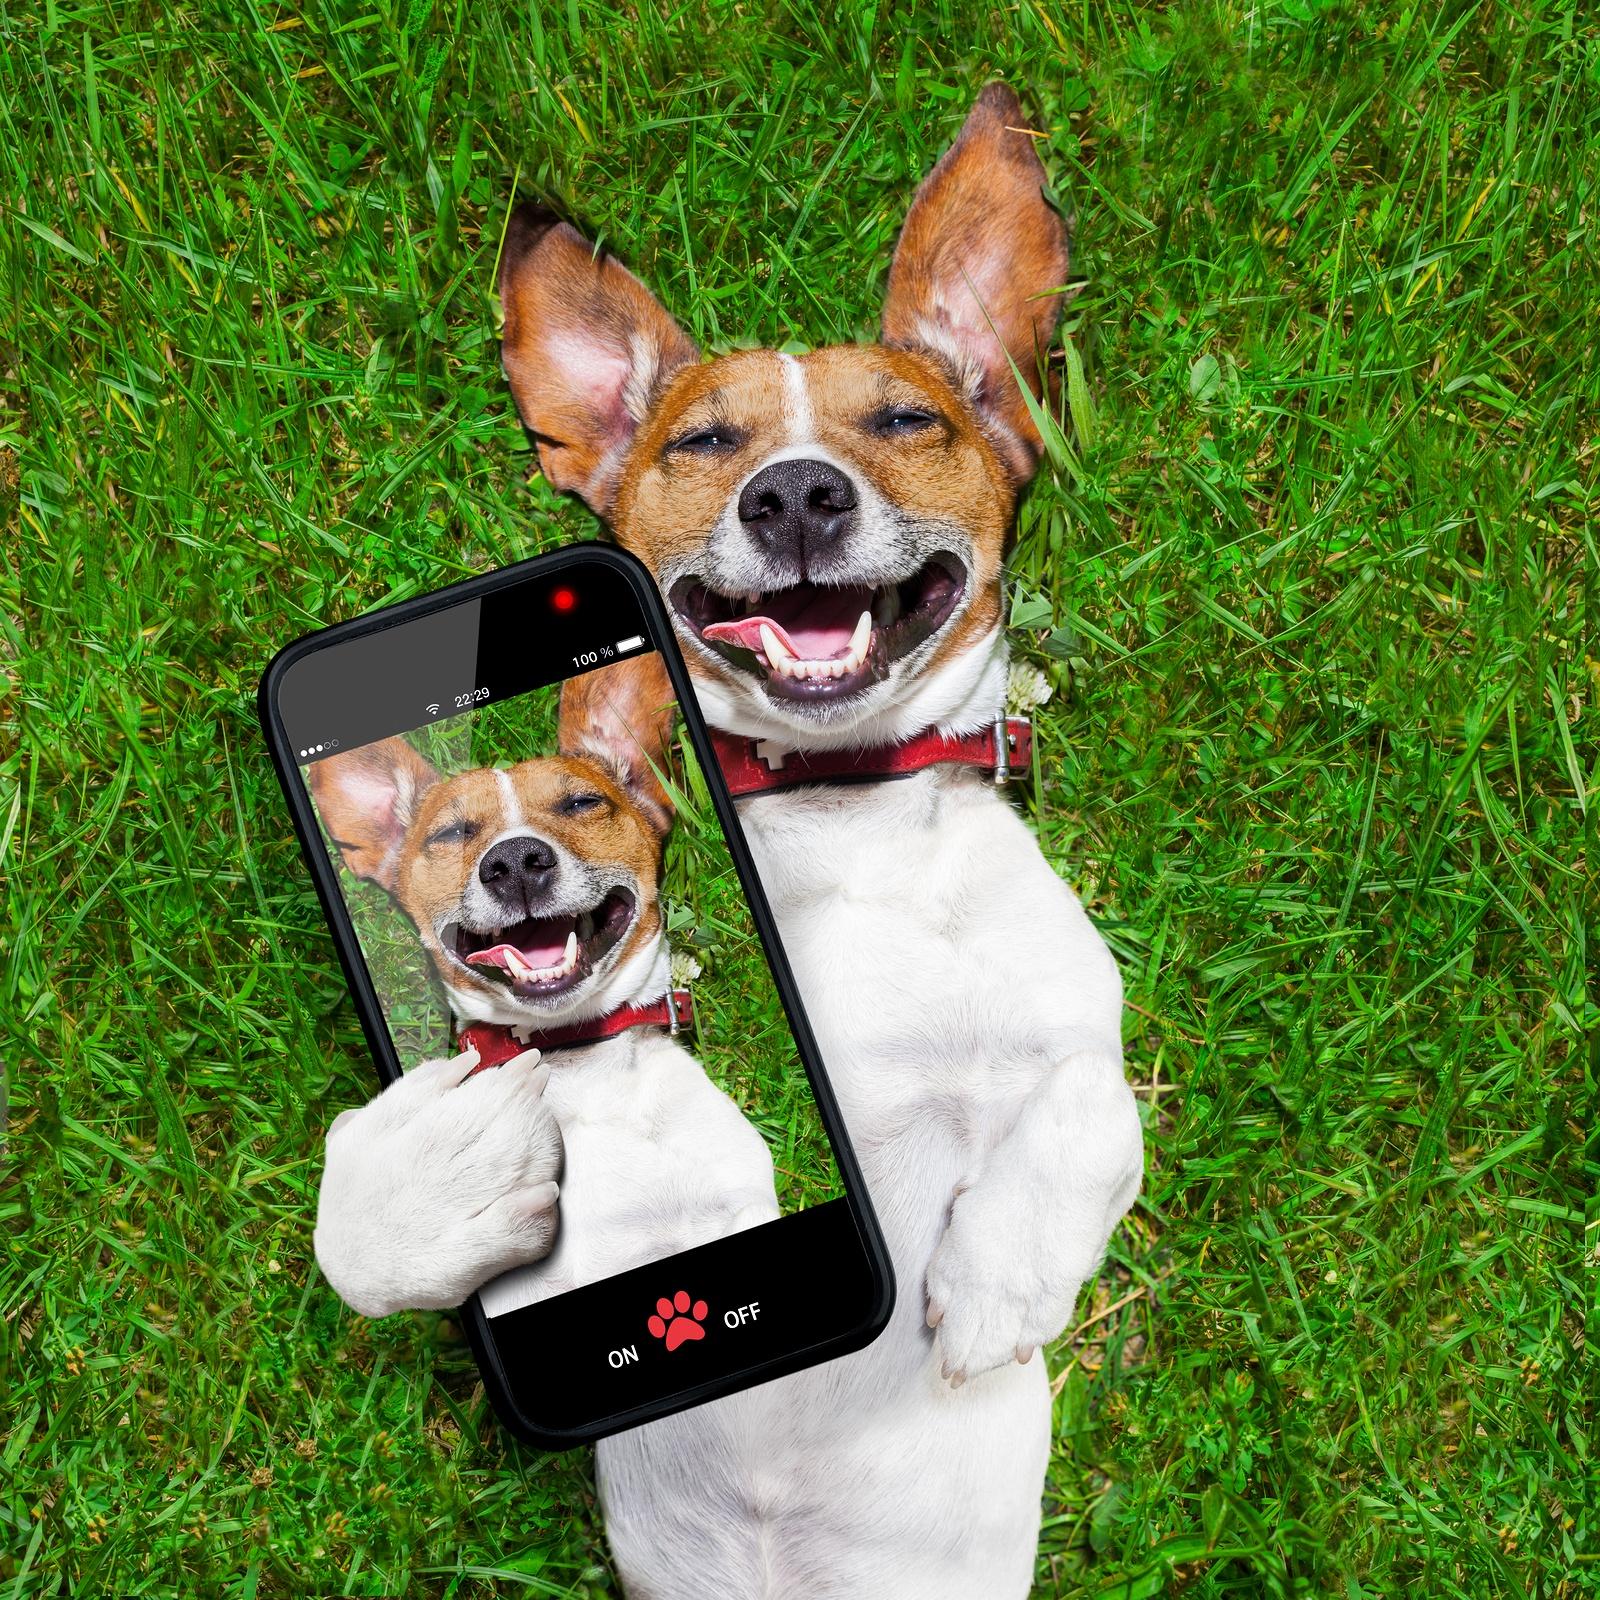 bigstock-Very-Funny-Dog-66766075.jpg